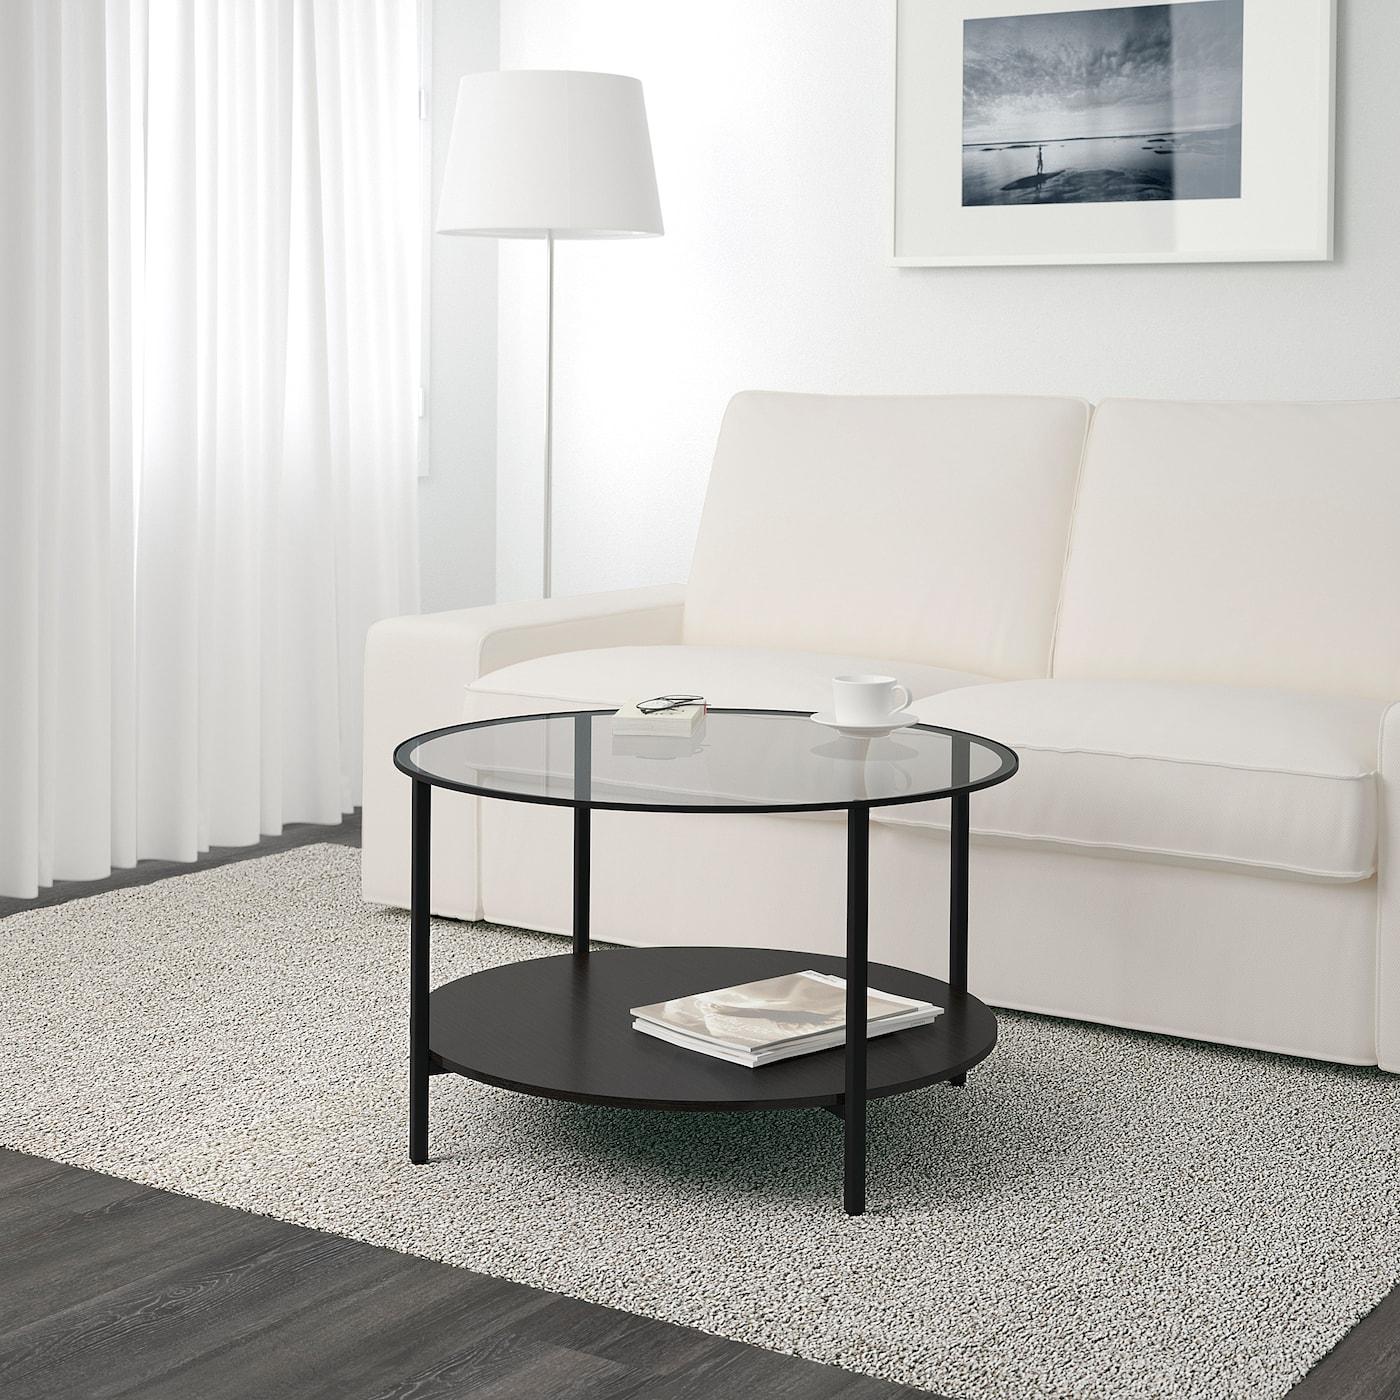 Buy Vittsjo Coffee Table Black Brown Glass Online Uae Ikea [ 1400 x 1400 Pixel ]